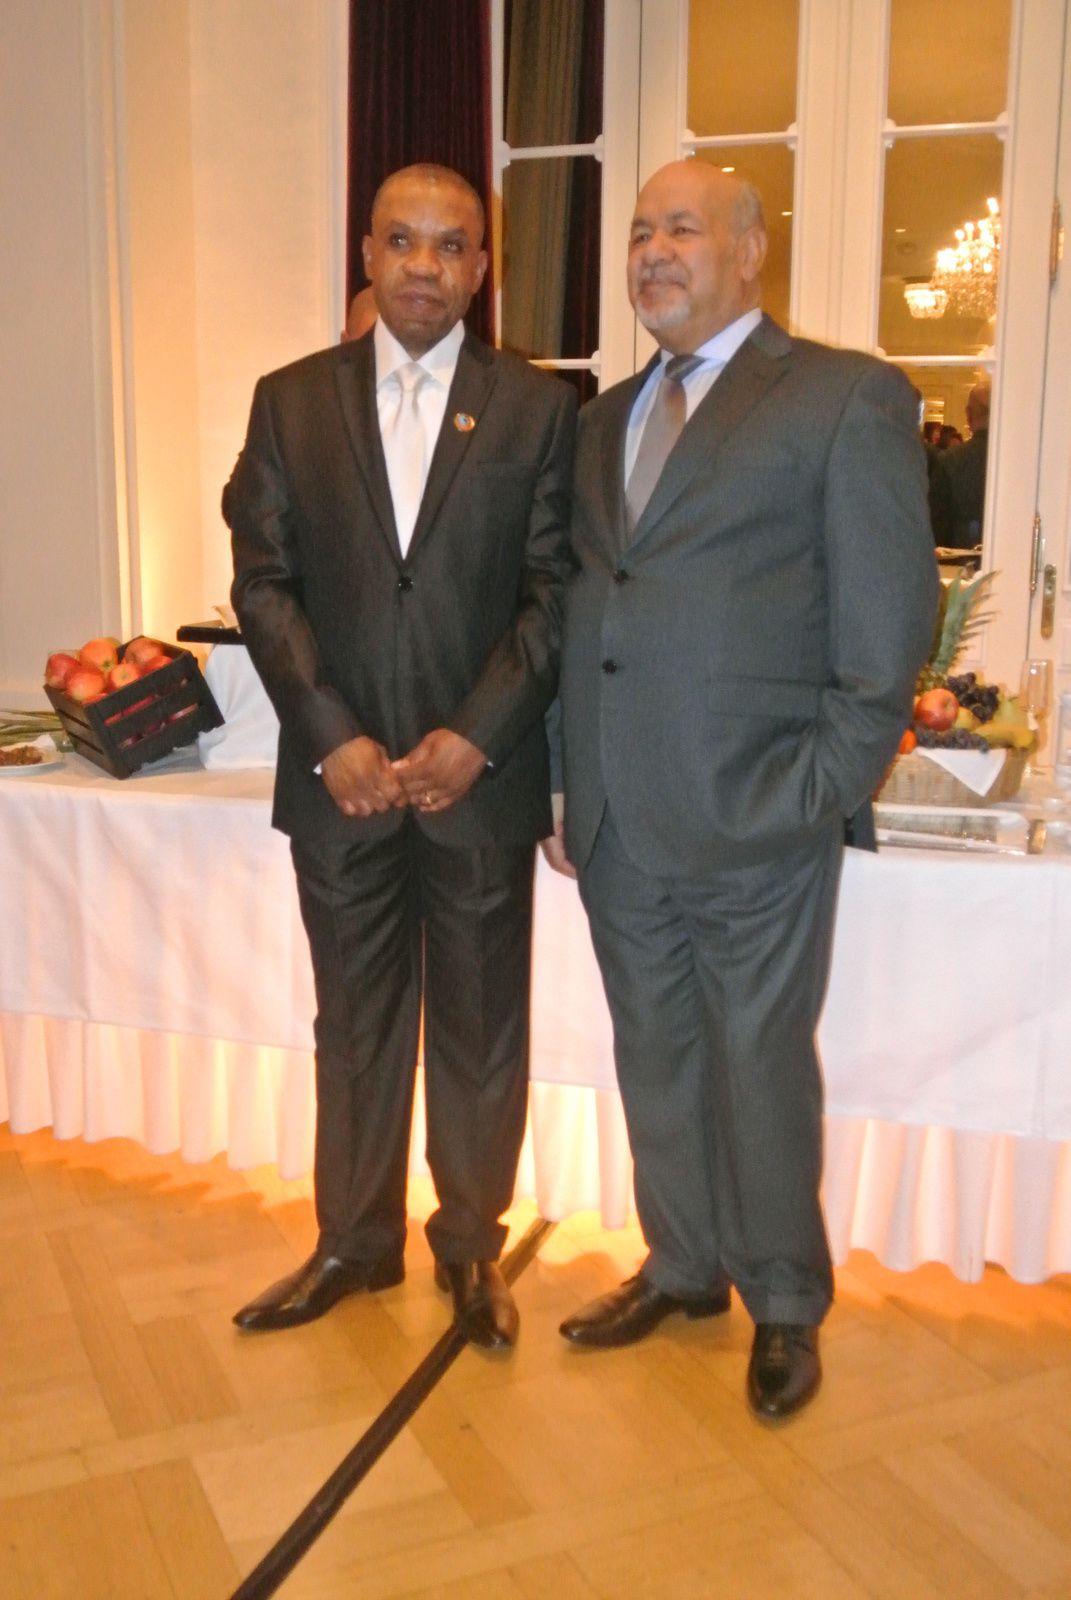 Senhores  David M. BONGO e Augusto MOUTINHO